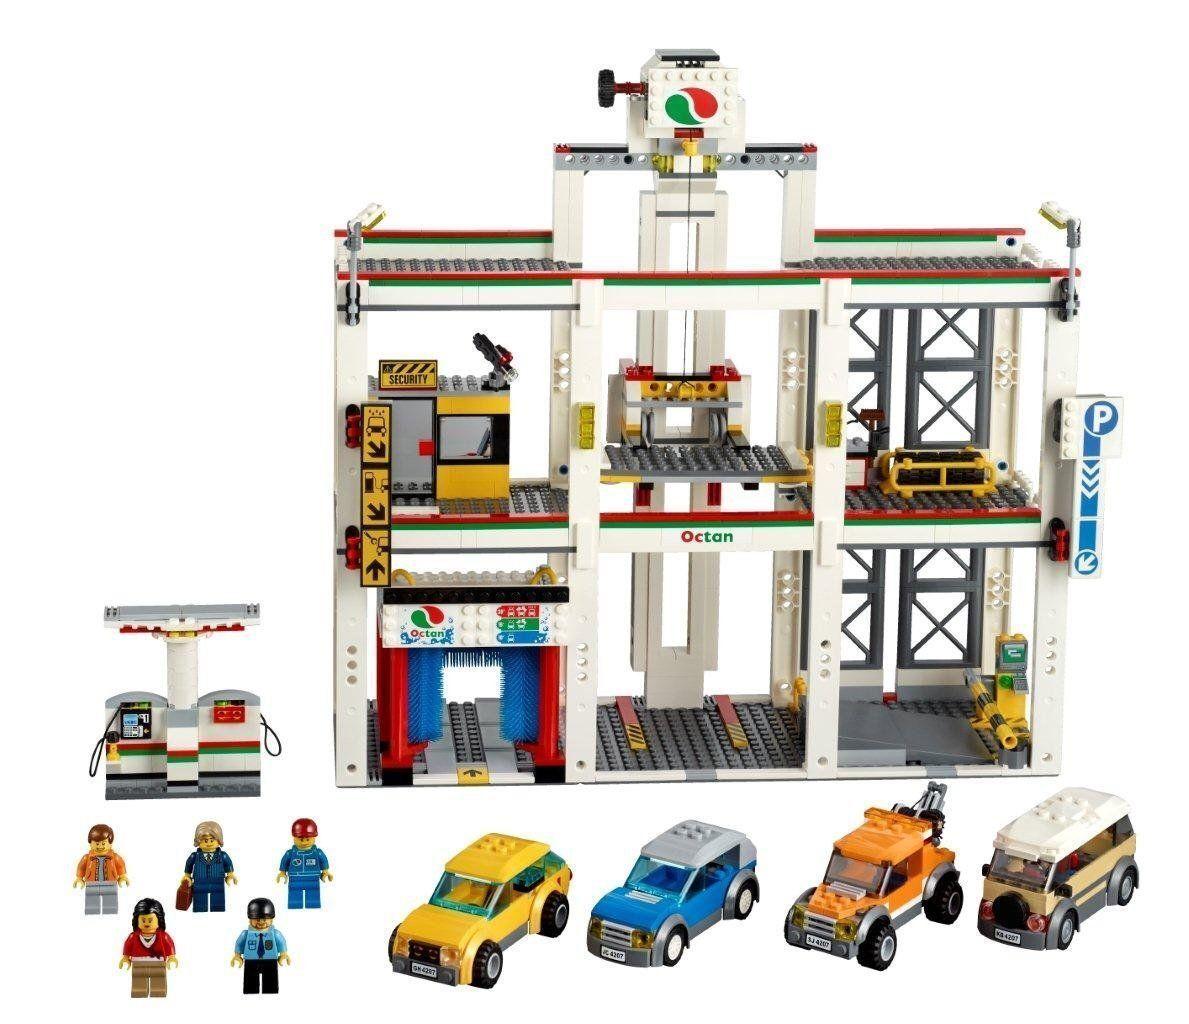 LEGO City - 4207 Große Werkstatt City Garage Autowerkstatt 100% komplett mit BA